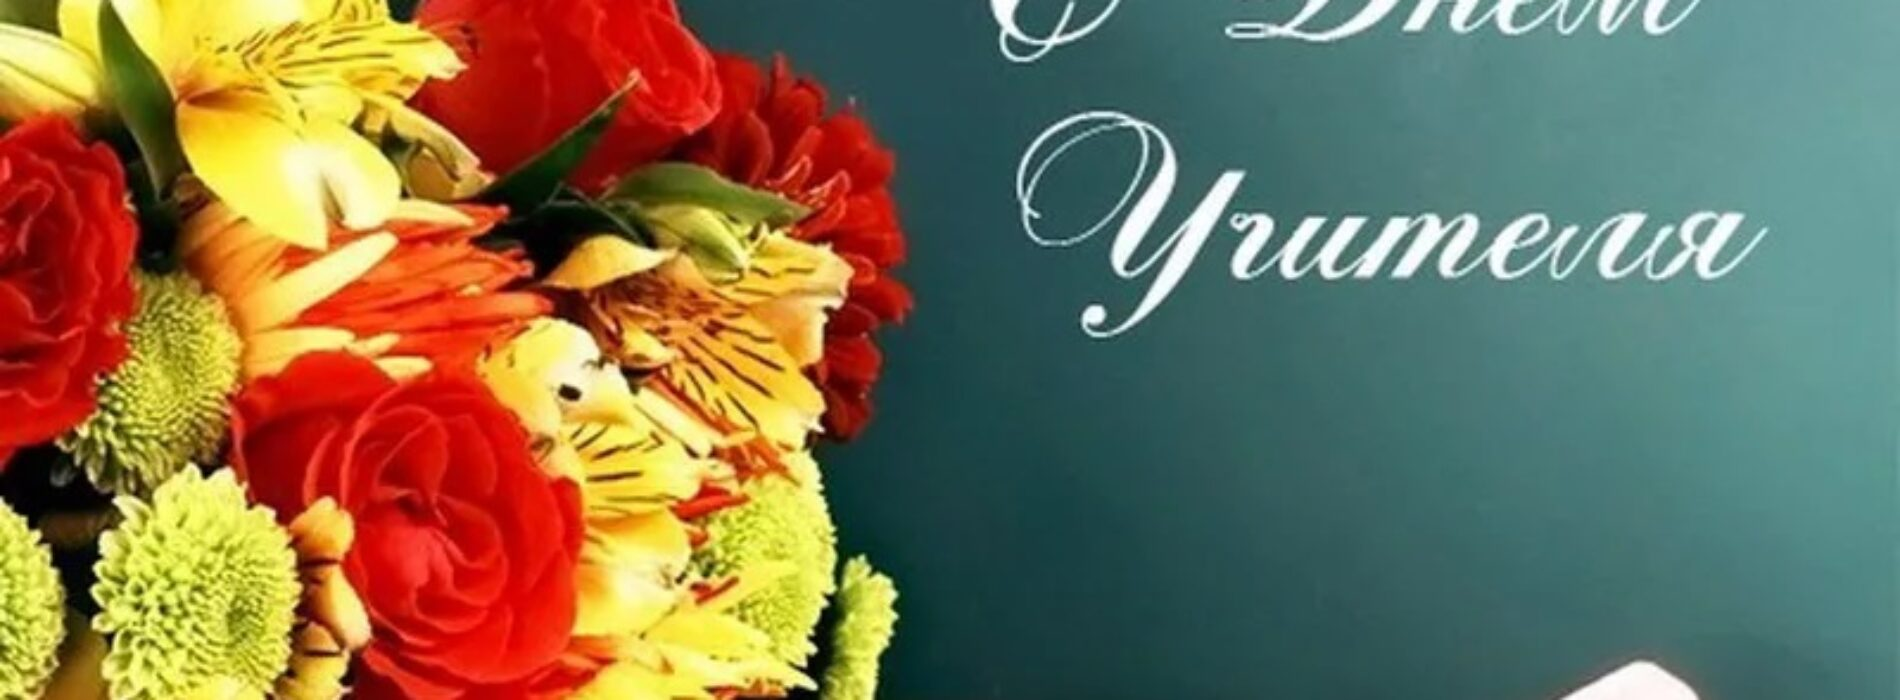 РОО «Первый Антикоррупционный медиа центр» поздравляет учителей с профессиональным днем !